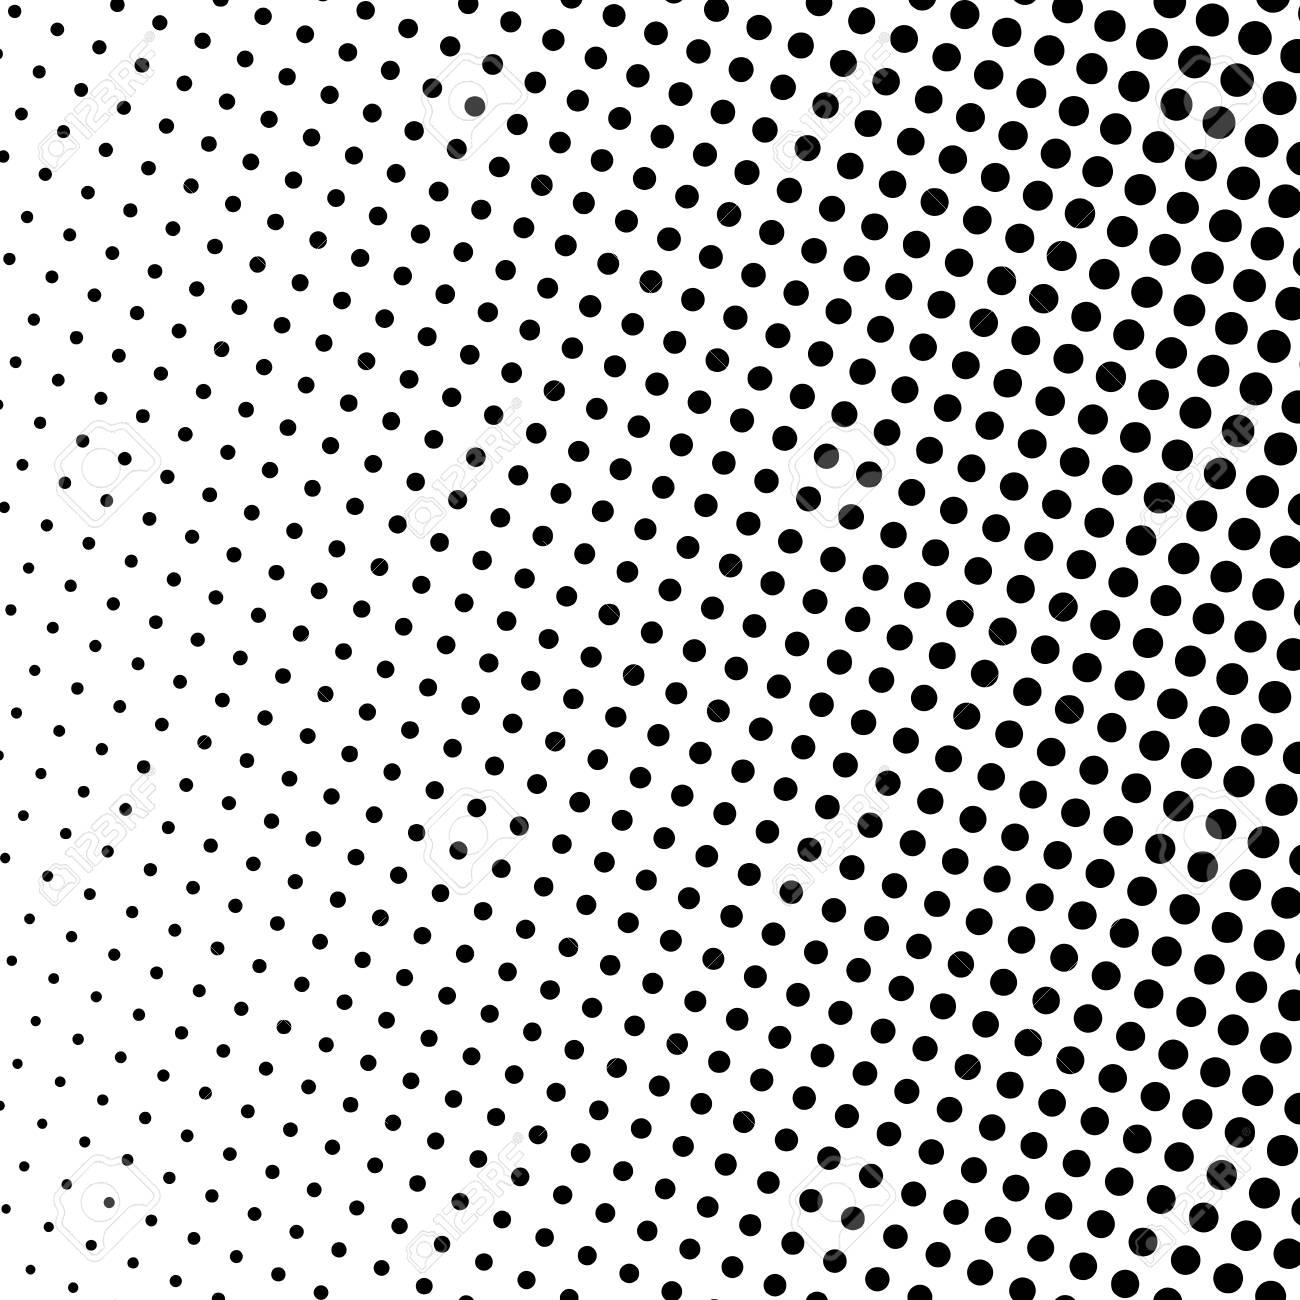 Sfondo Di Arte Pop Puntini Neri Su Sfondo Bianco Sfondo Mezzitoni Sfumato Stile Retrò Illustrazione Vettoriale